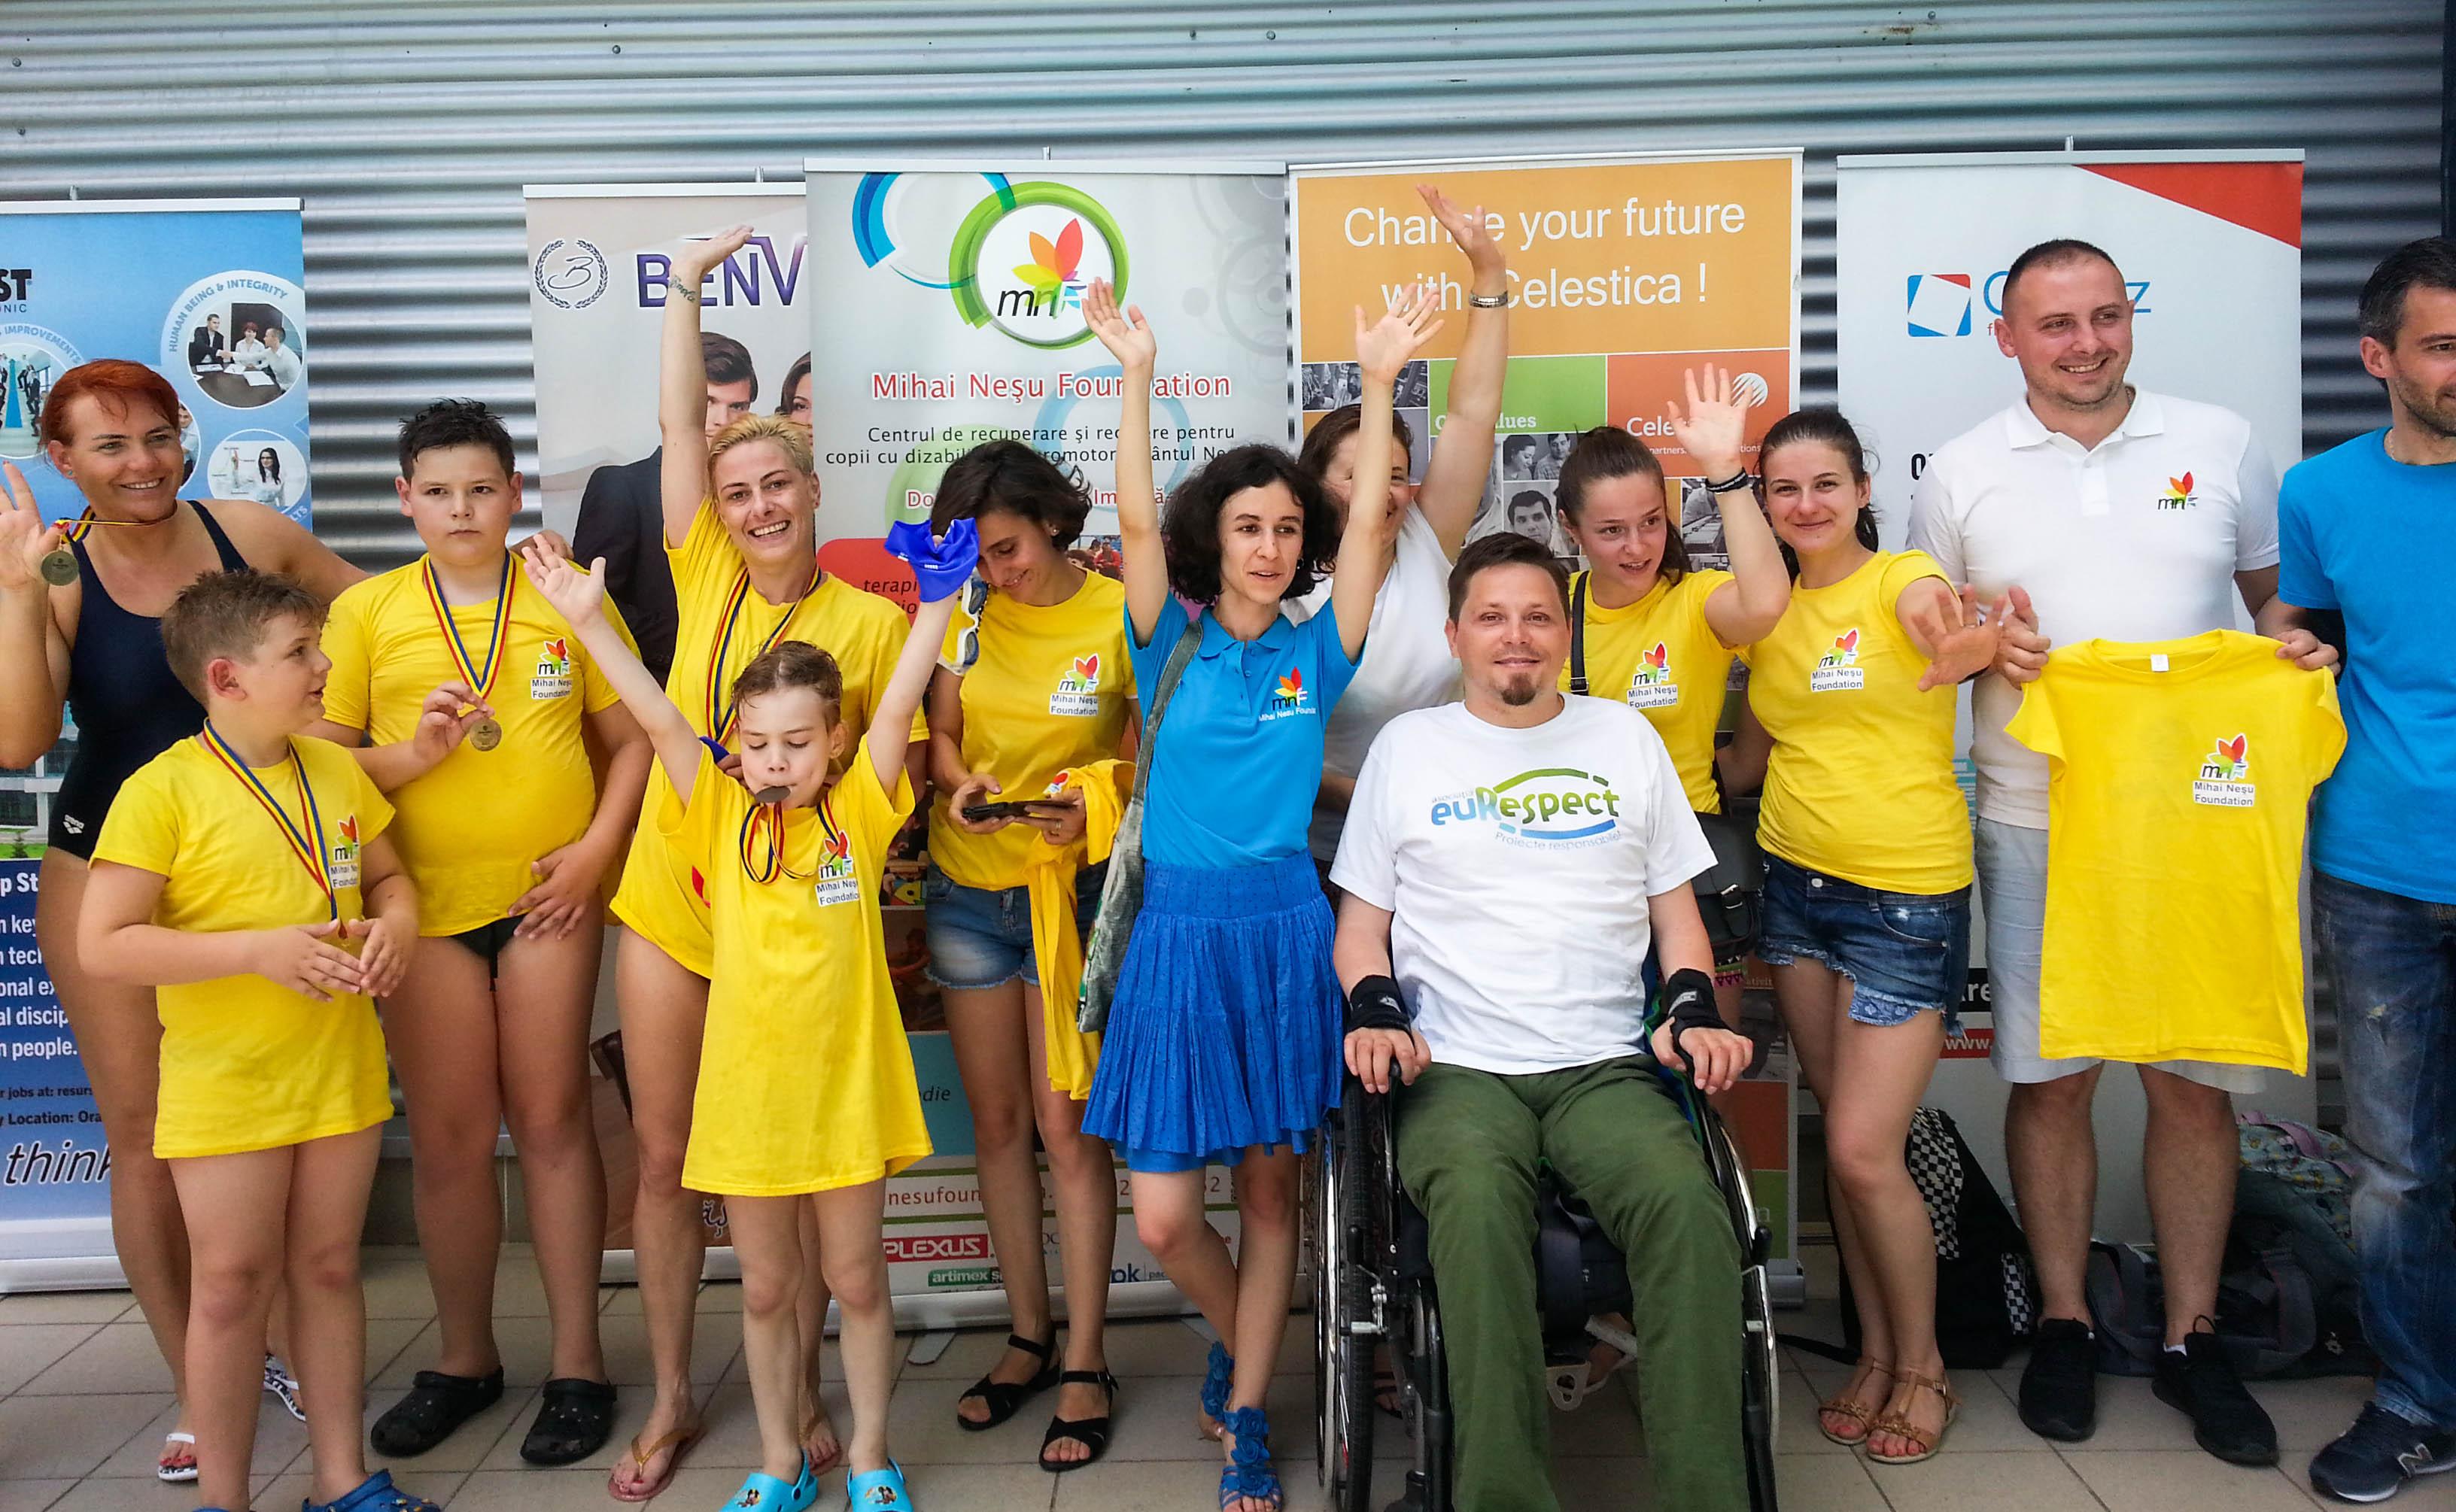 euRespect alături de Fundația Mihai Neșu la Swimathon Oradea